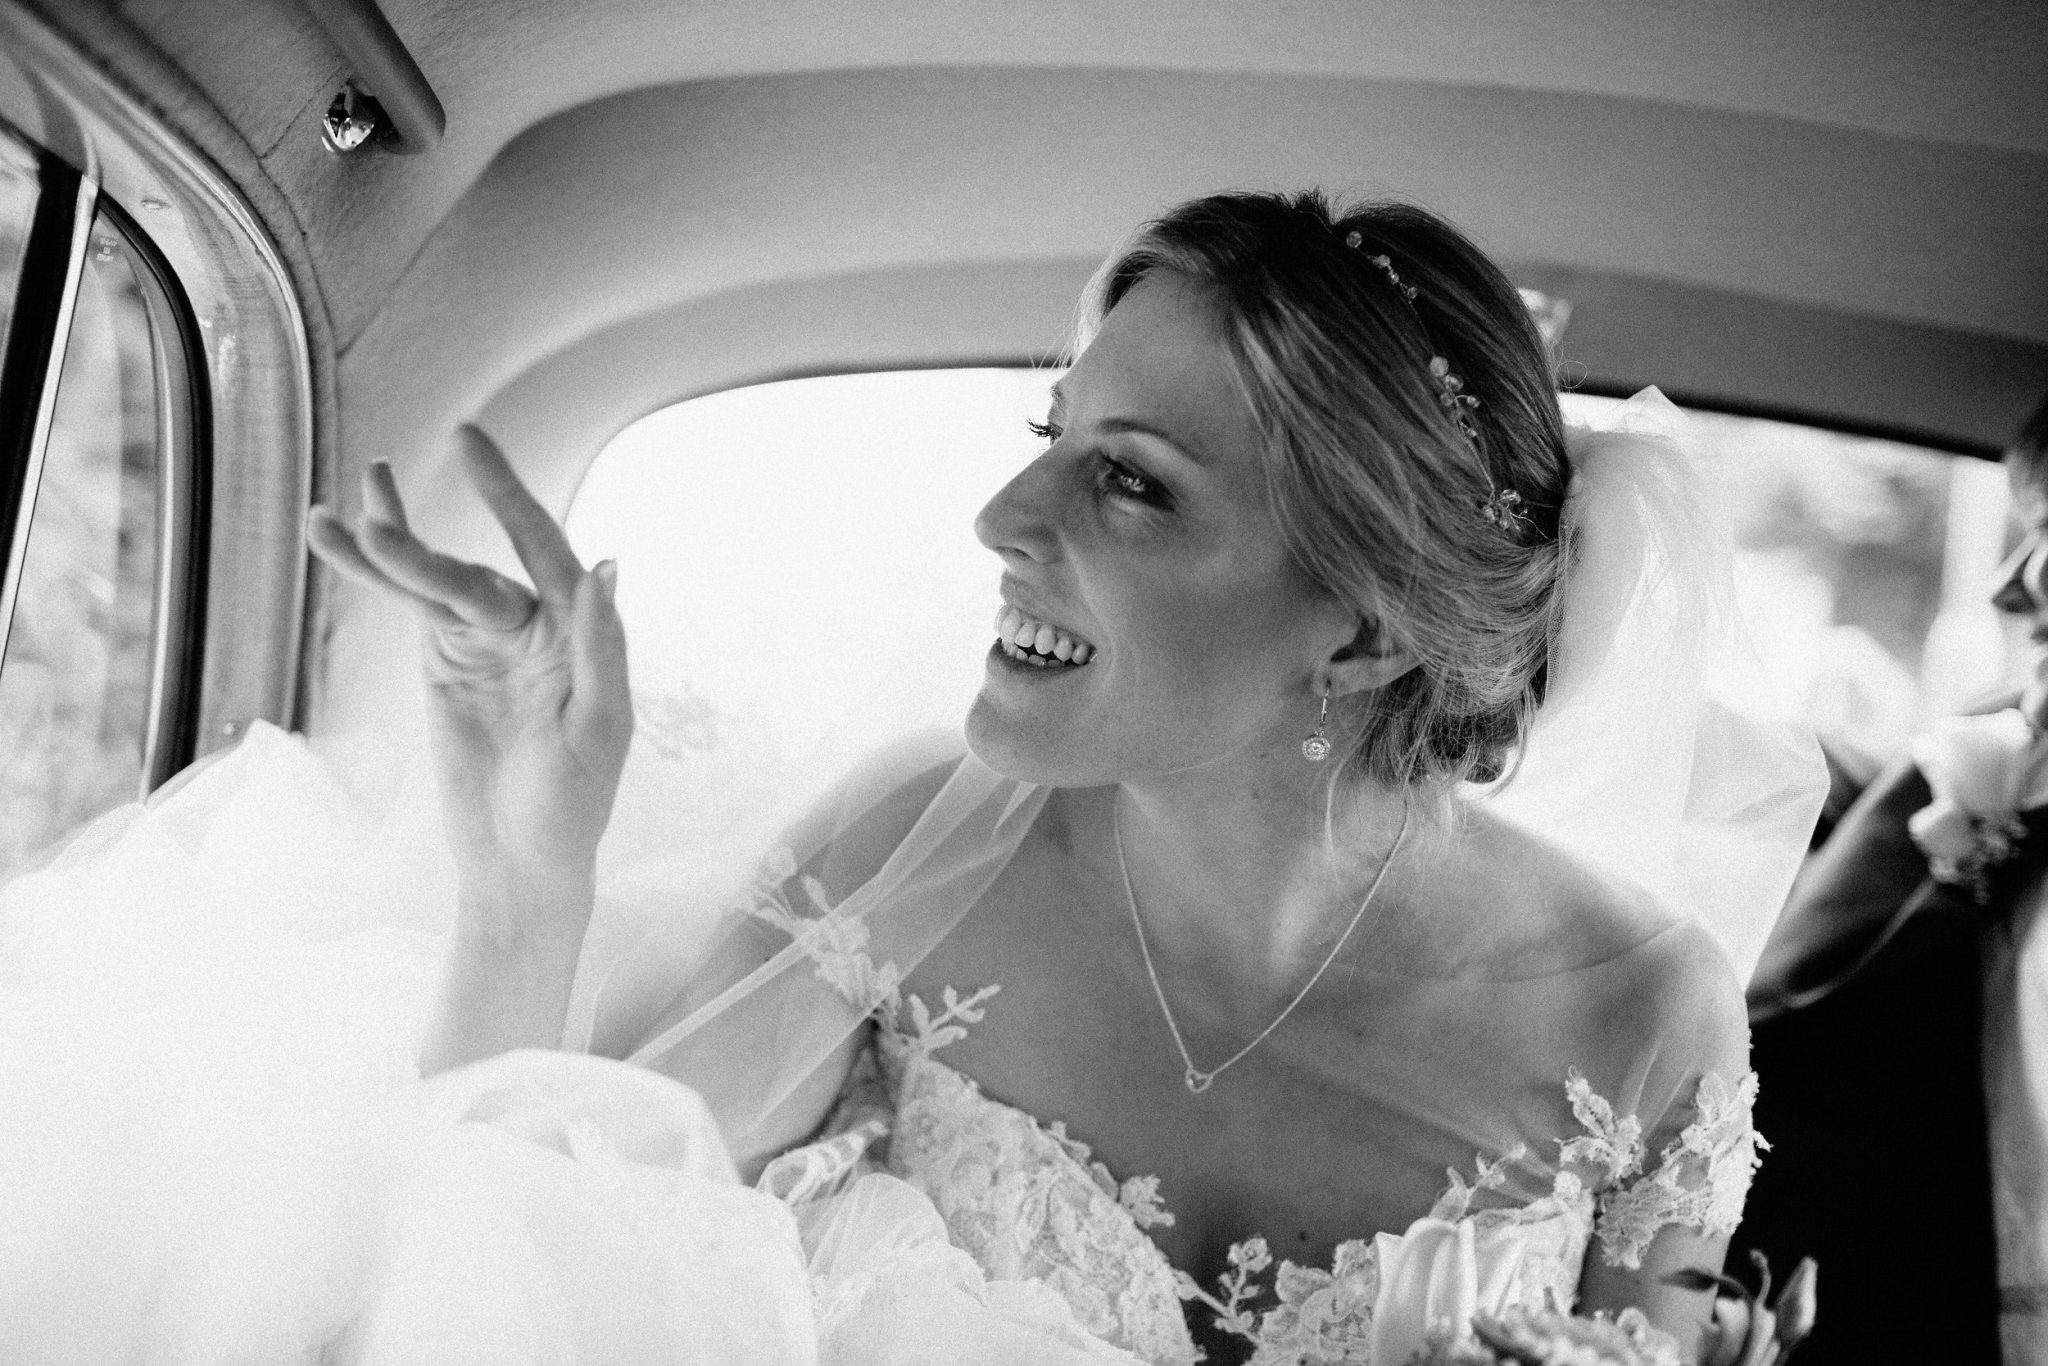 Foto: Birgit Hart Hochzeit Styling Haare Make-up Munich wedding hair makeup hochzeit